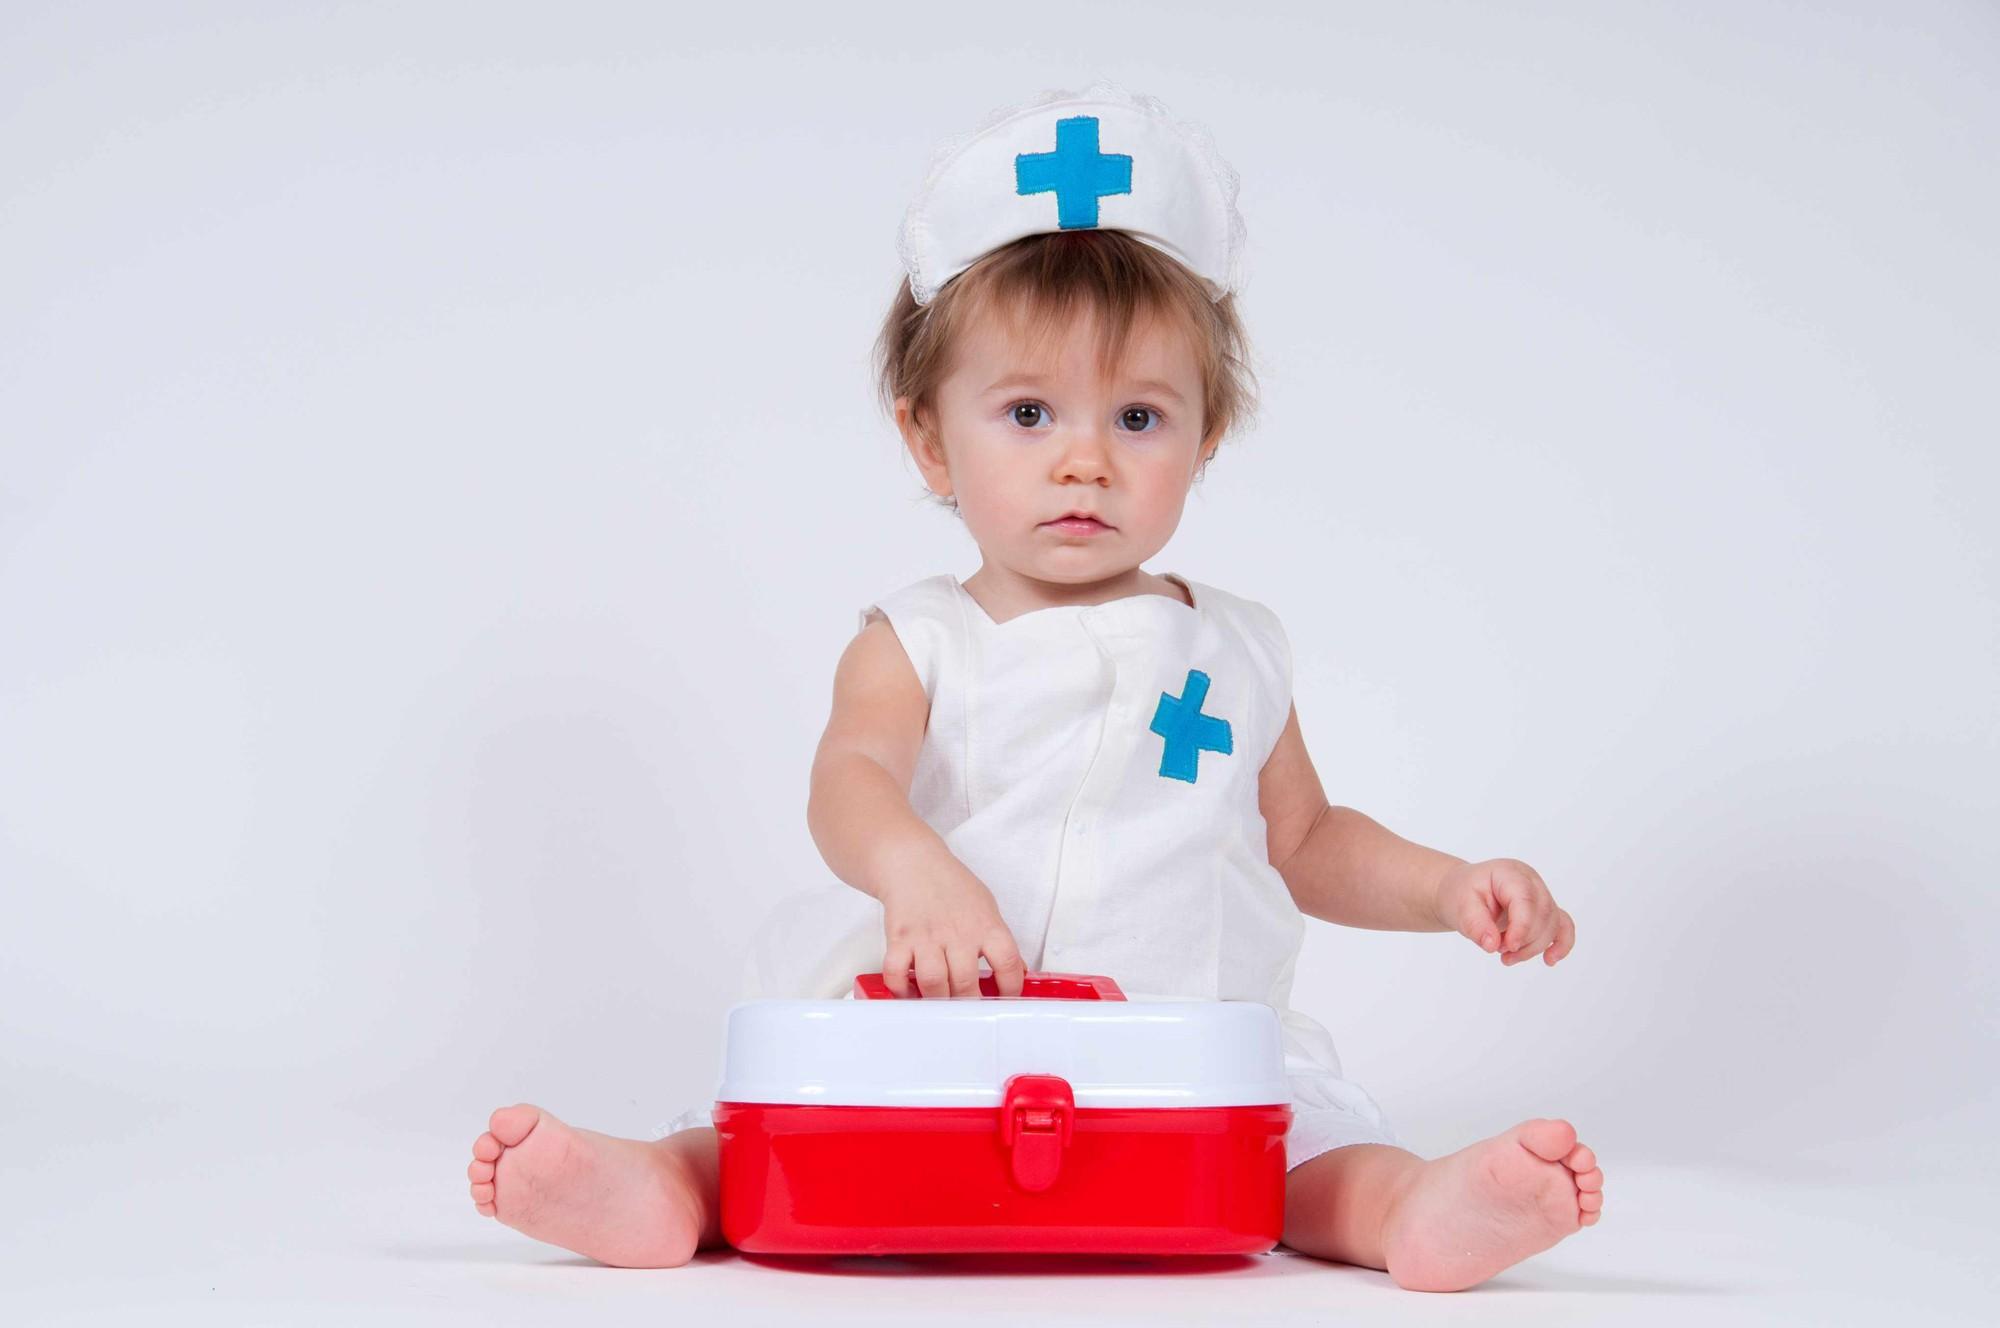 Bé 2 tuổi bị sùi mào gà, 4 tháng tuổi bị bệnh lậu... nguyên nhân do chính thói quen của người lớn vẫn chăm sóc bé hàng ngày-1